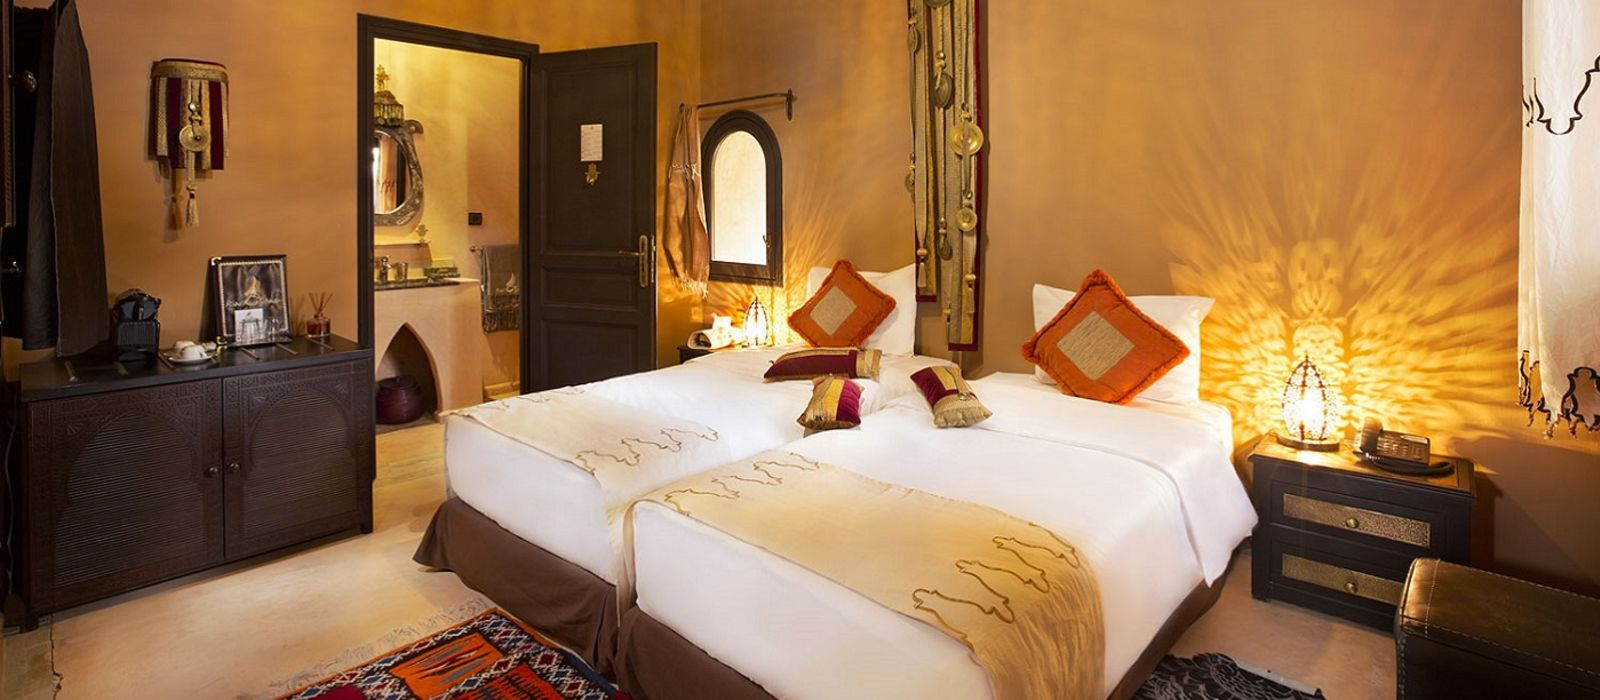 Hotel Riad Ksar Ighnda Morocco